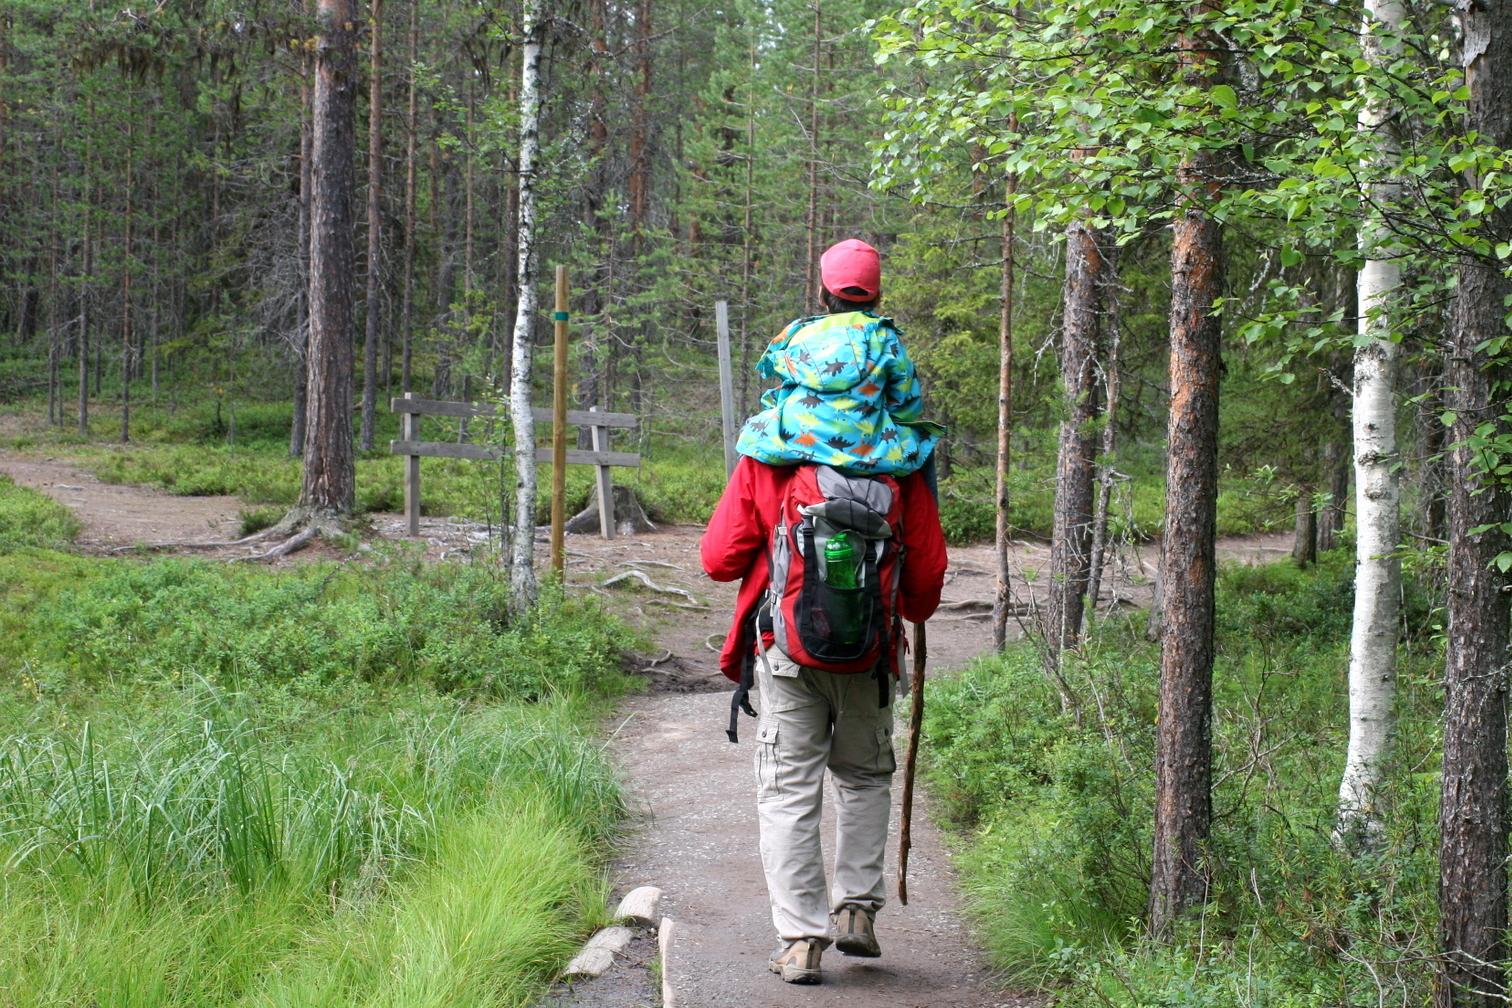 Pieni Karhunkierros lasten kanssa. Pieni pätkä, ihan tosi pieni, mentiin näin. Kun mainitsin, ettei tästä lasketa kävelykilometrejä, hyppäsi lapsi sadan metrin jälkeen alas ja jaksoikin omin jaloin.